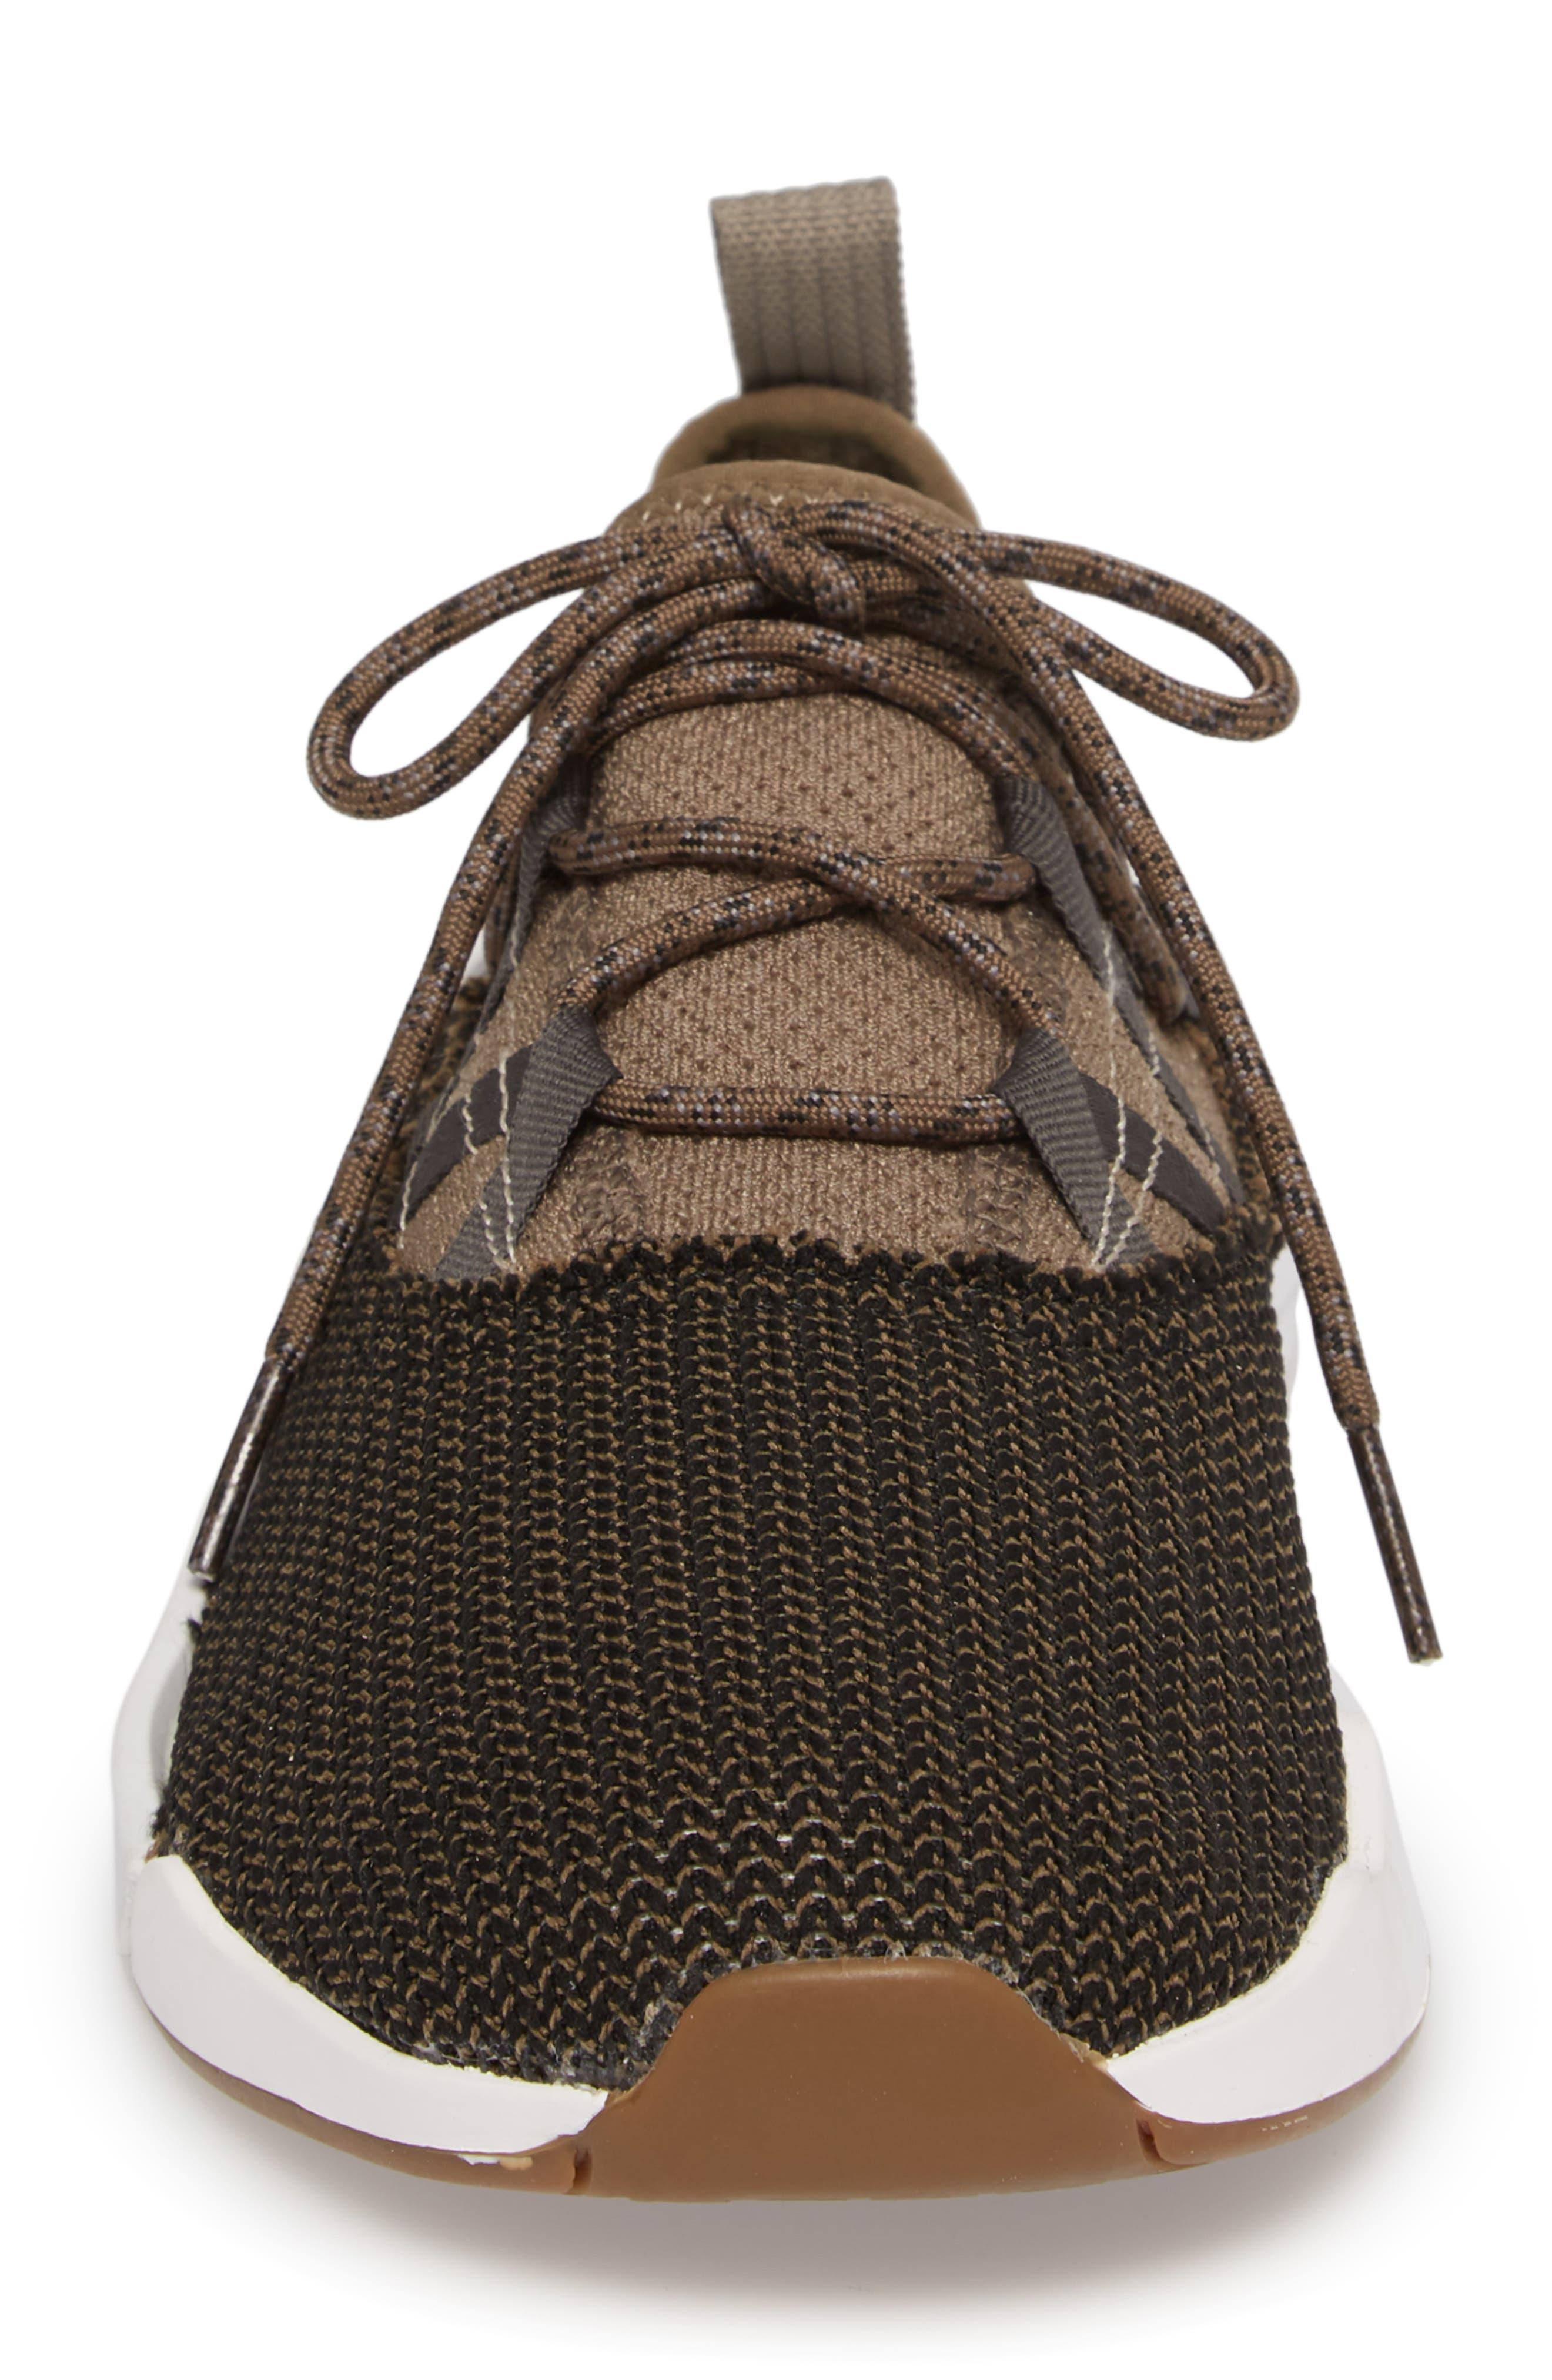 Chiba Quest Knit Sneaker,                             Alternate thumbnail 4, color,                             Brindle/ Black